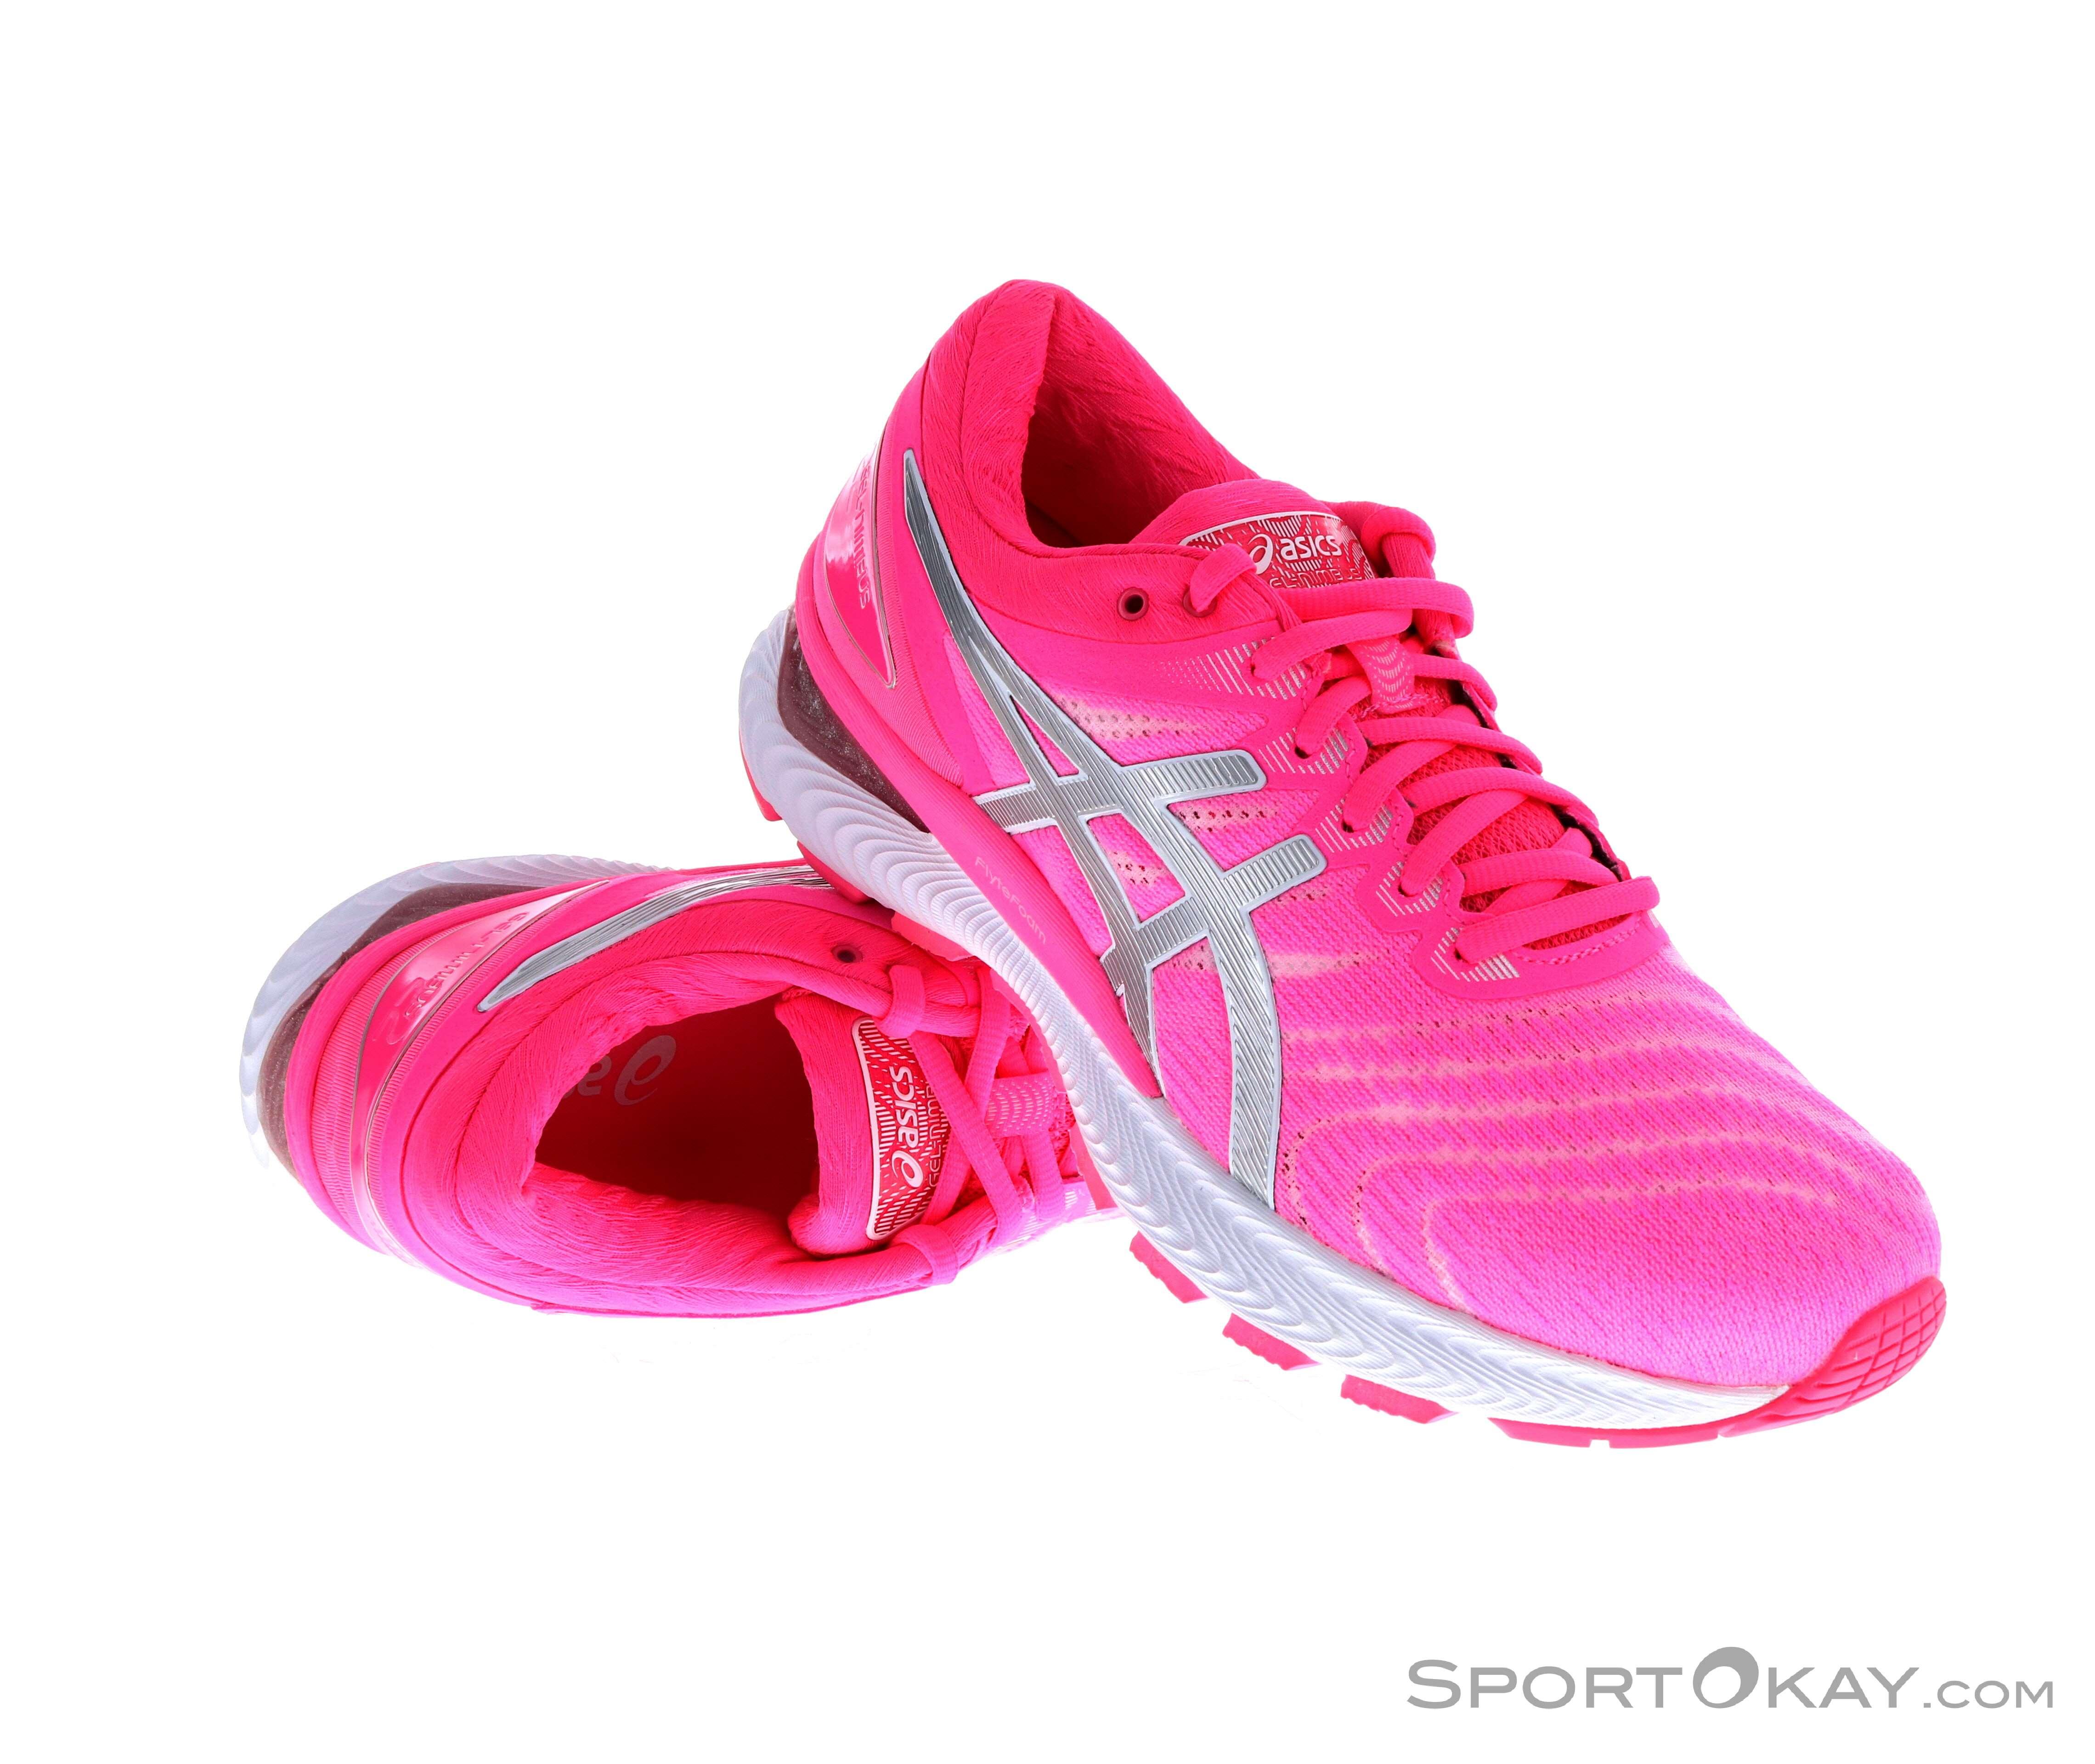 Asics Gel Nimbus 22 Damen Laufschuhe Allroundlaufschuhe